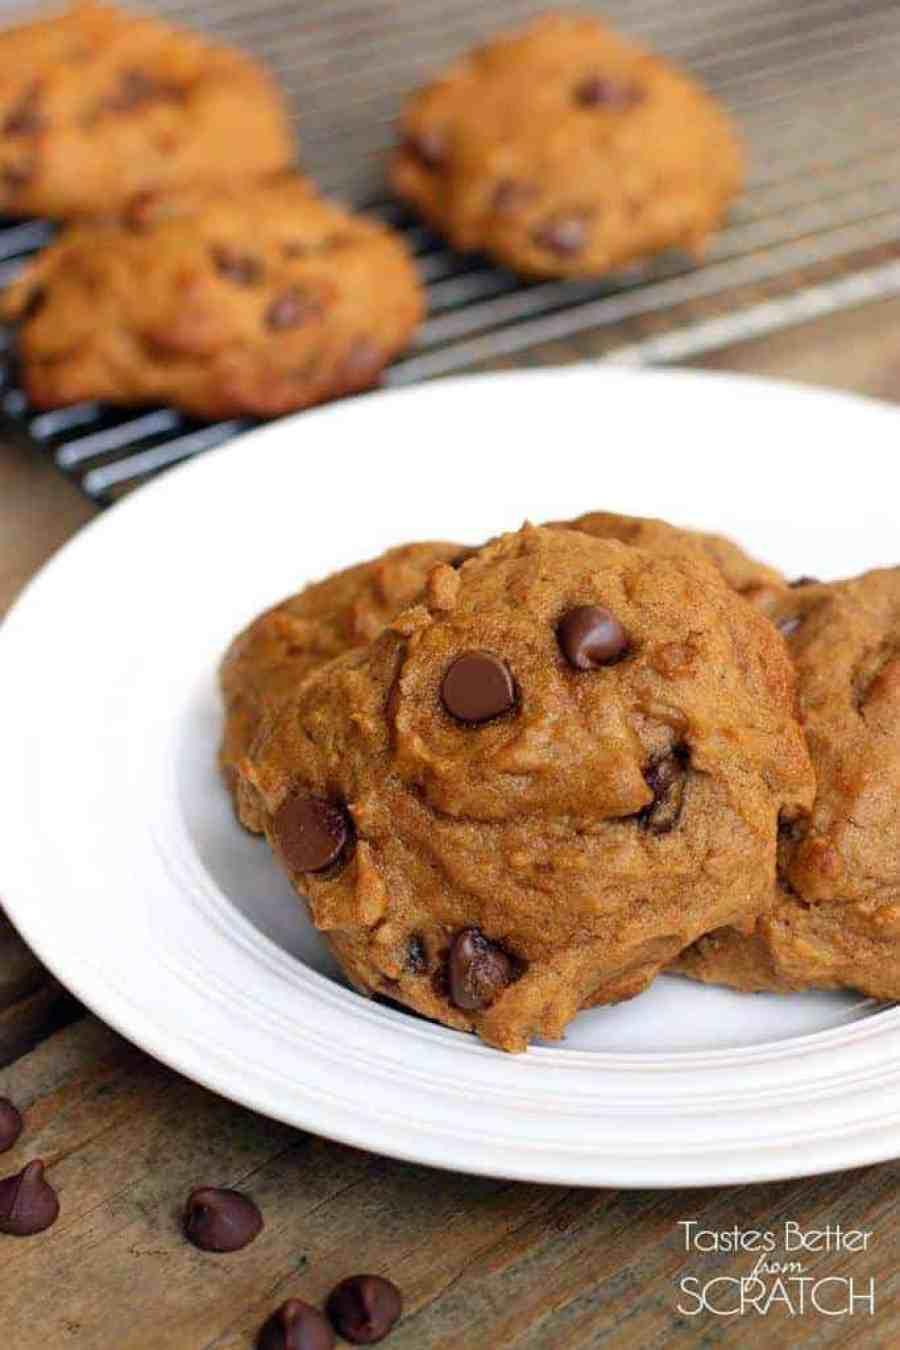 Pumpkin Chocolate Chip Cookies from TastesBetterFromScratch.com